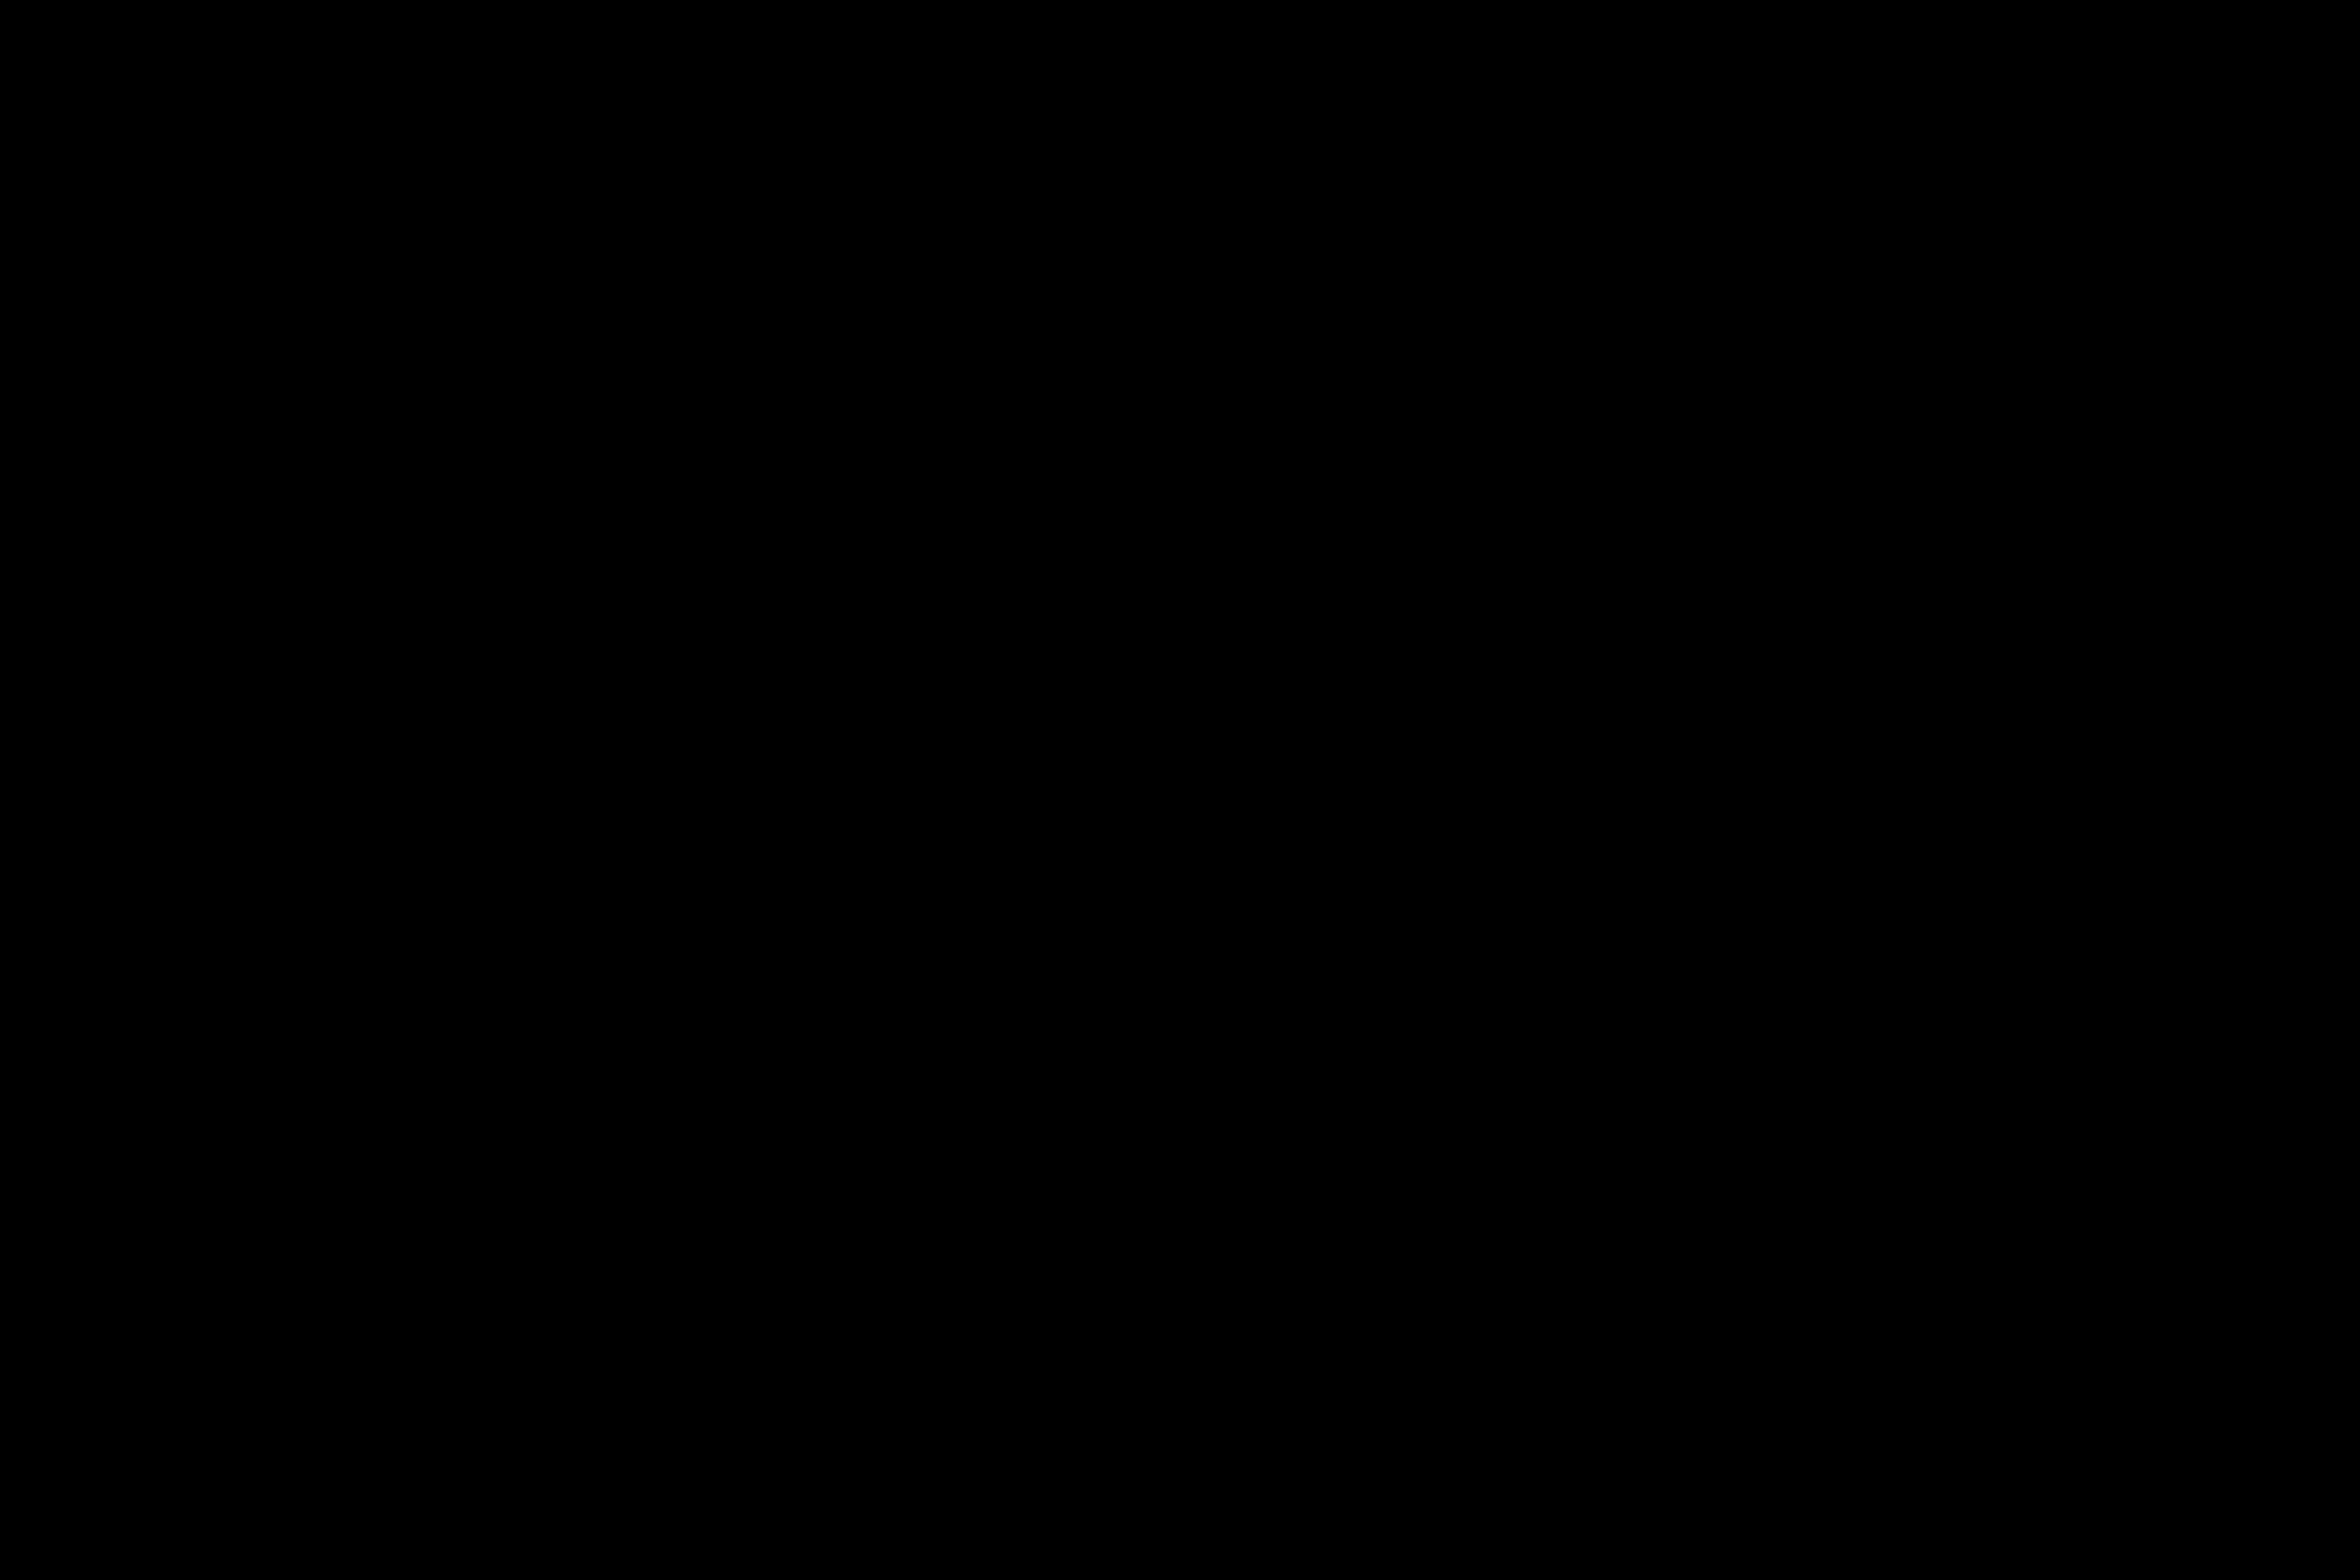 15-065_Site_Plan (Plants & Buildings)